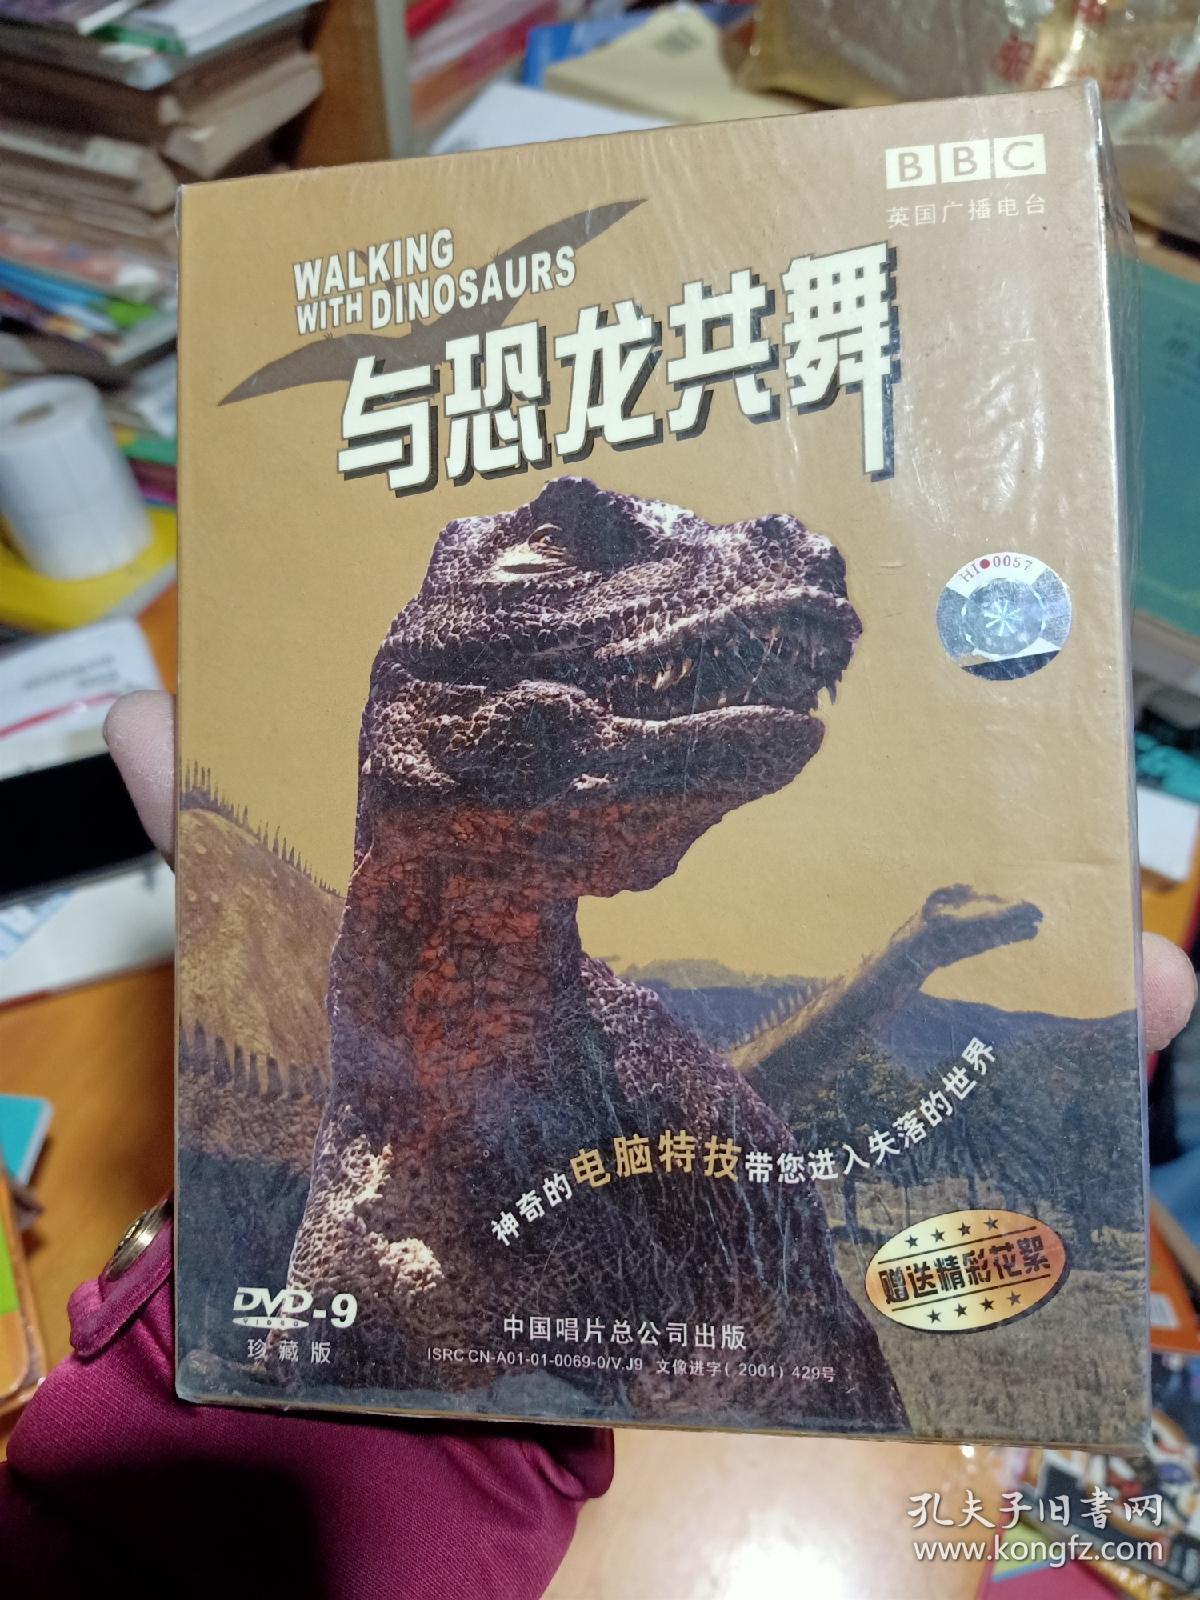 BBC:WALKlNG WlTH DlNOSAURS与恐龙共舞(DVD9珍藏版)